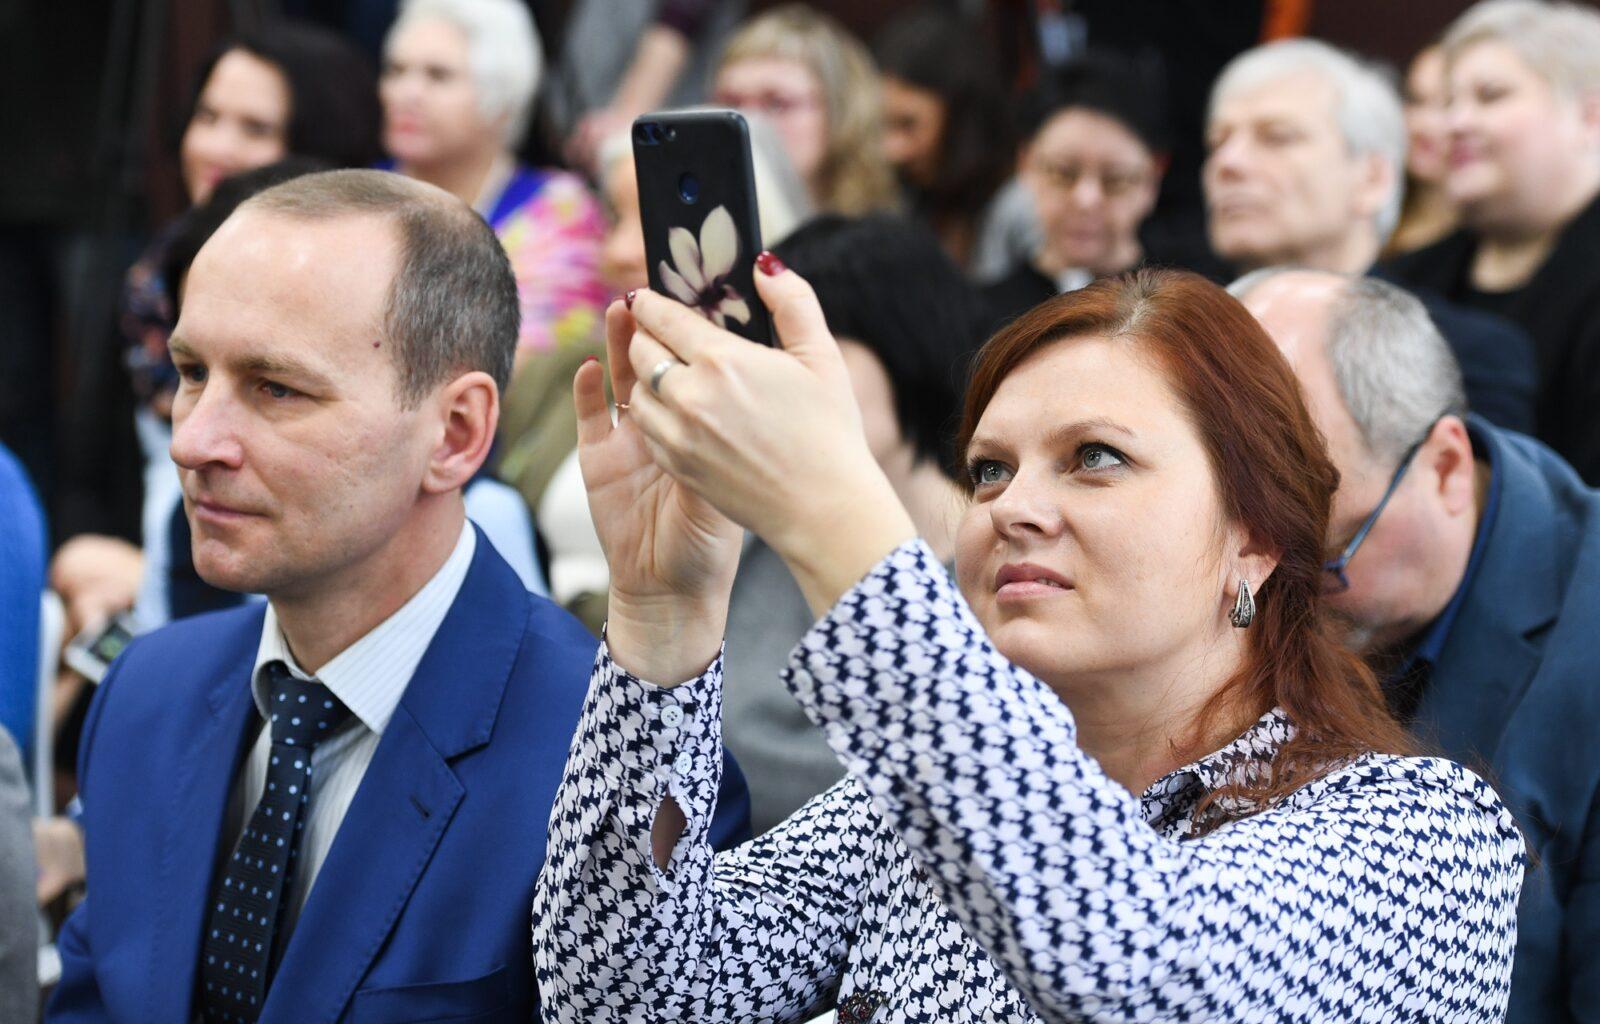 Анна Райкова: Губернатор в курсе наших дел